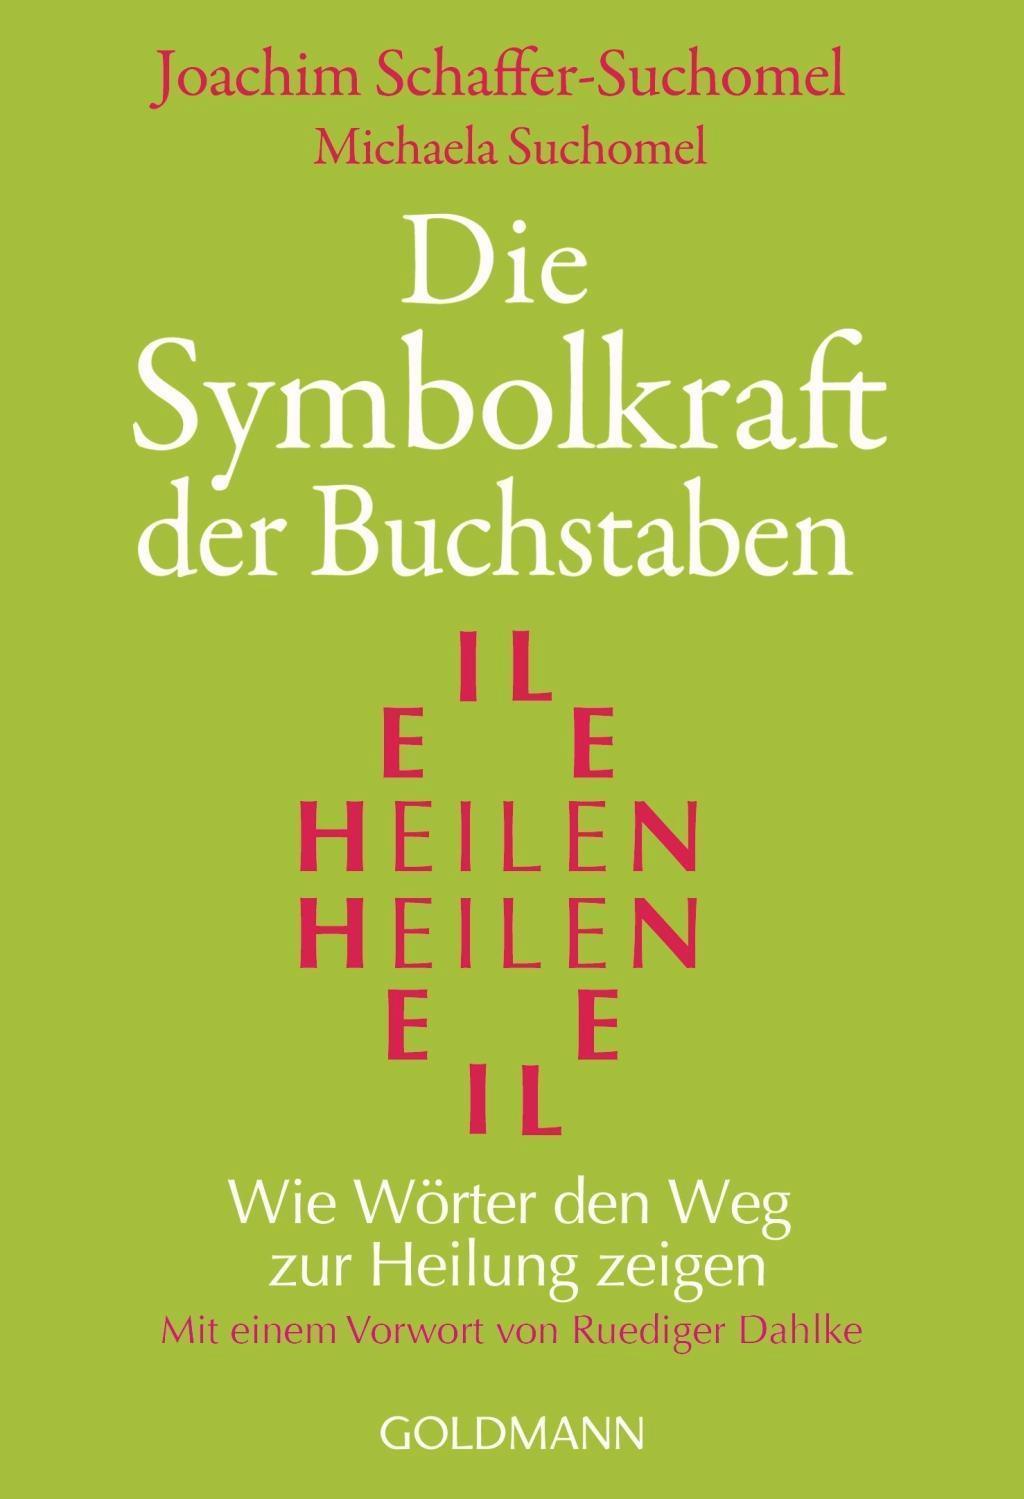 Die Symbolkraft der Buchstaben